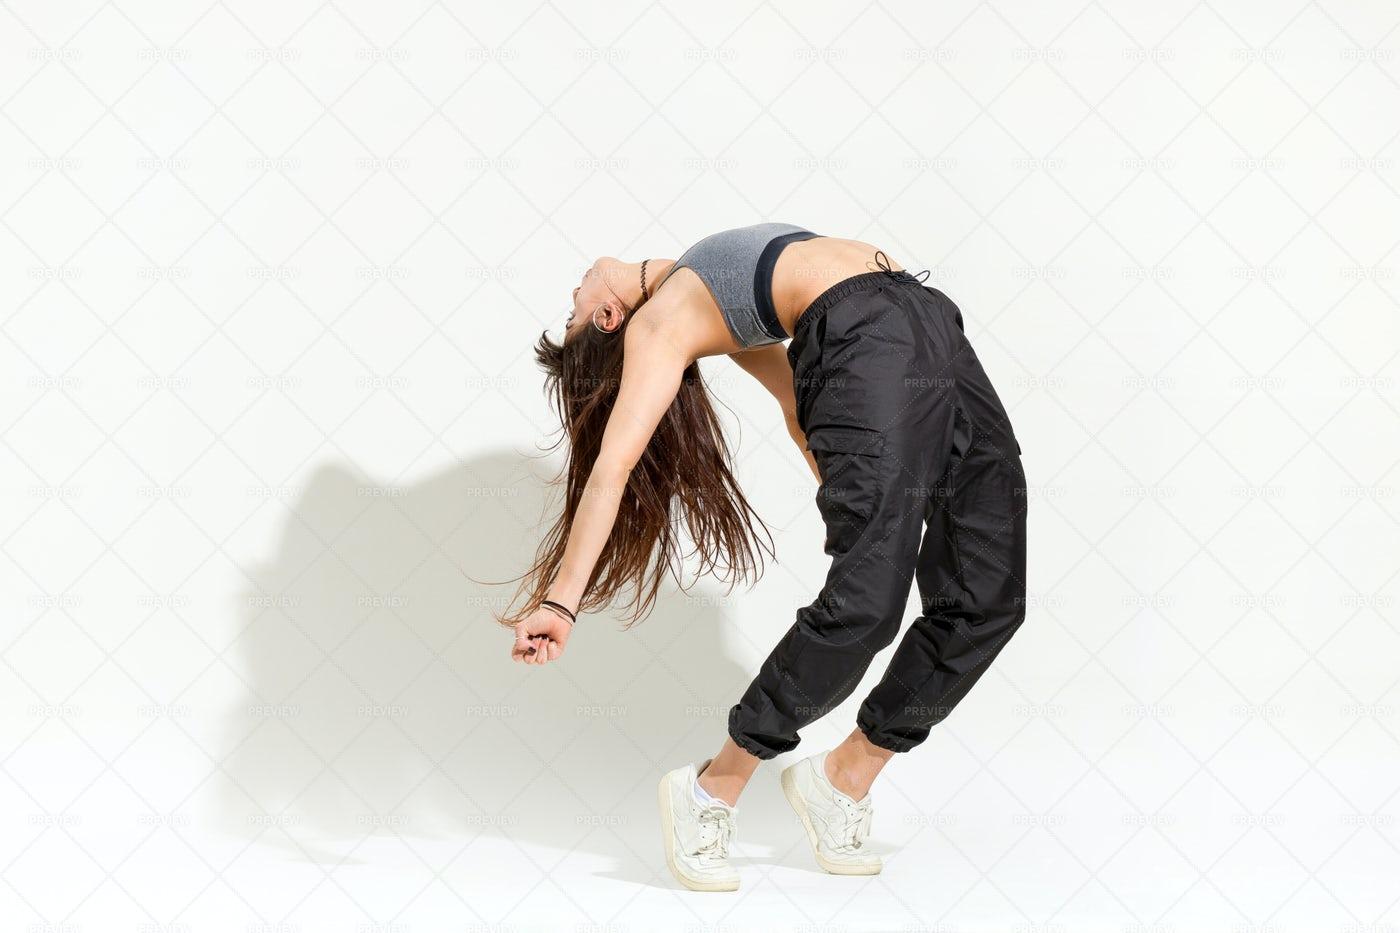 Doing A Dance Pose: Stock Photos